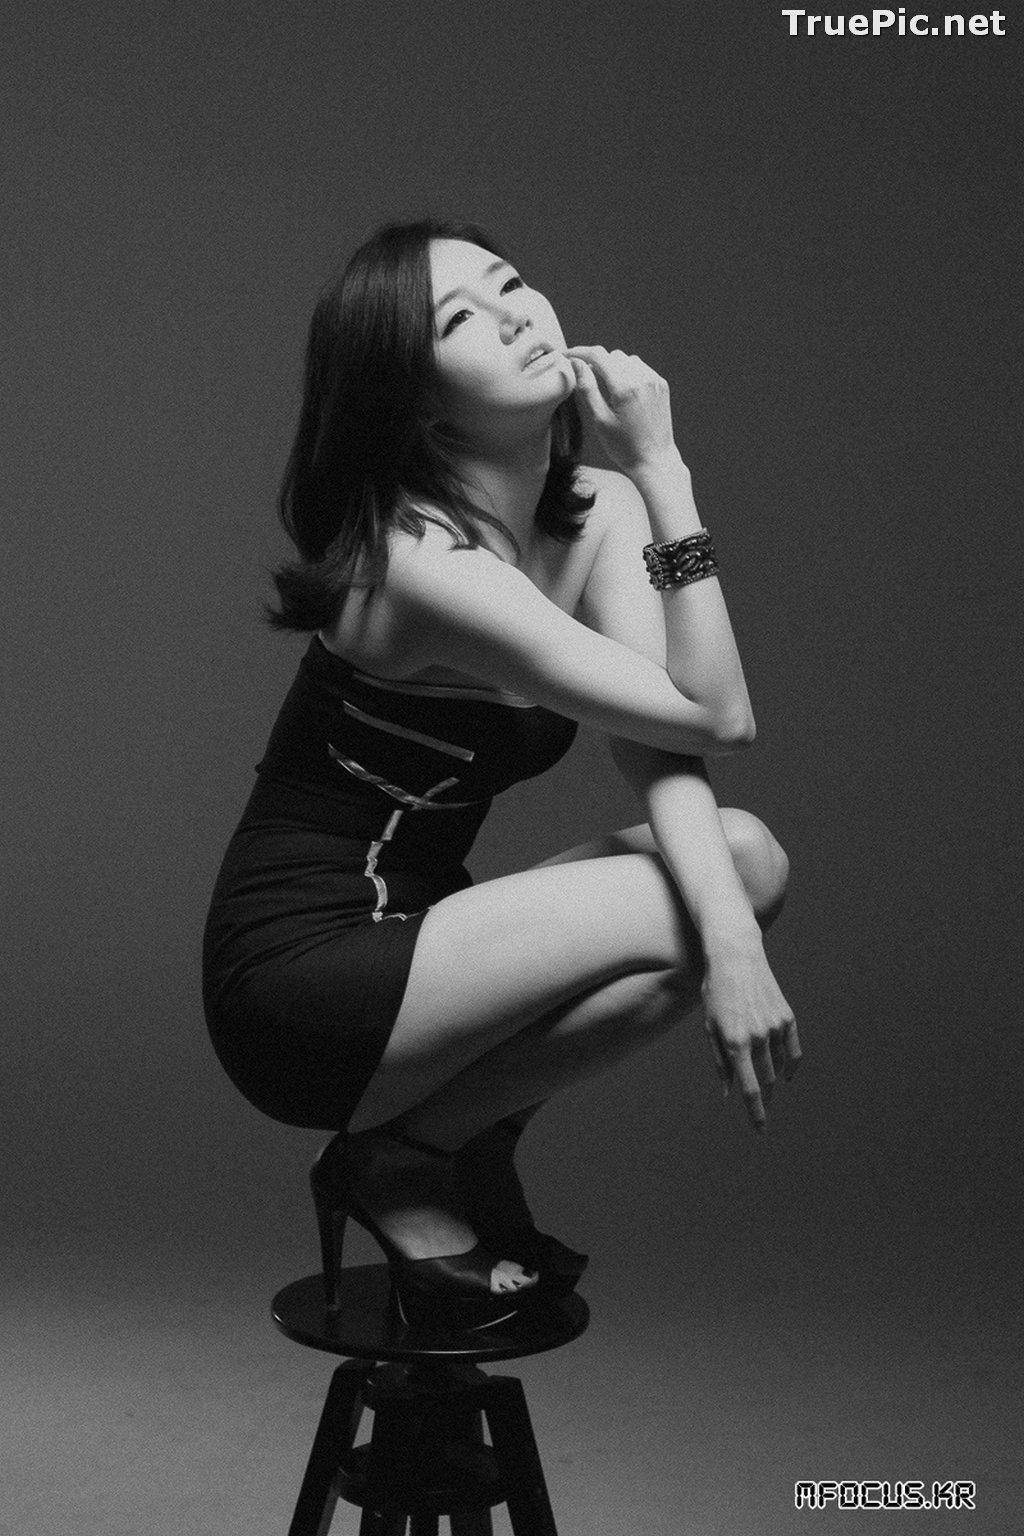 Image Best Beautiful Images Of Korean Racing Queen Han Ga Eun #2 - TruePic.net - Picture-2